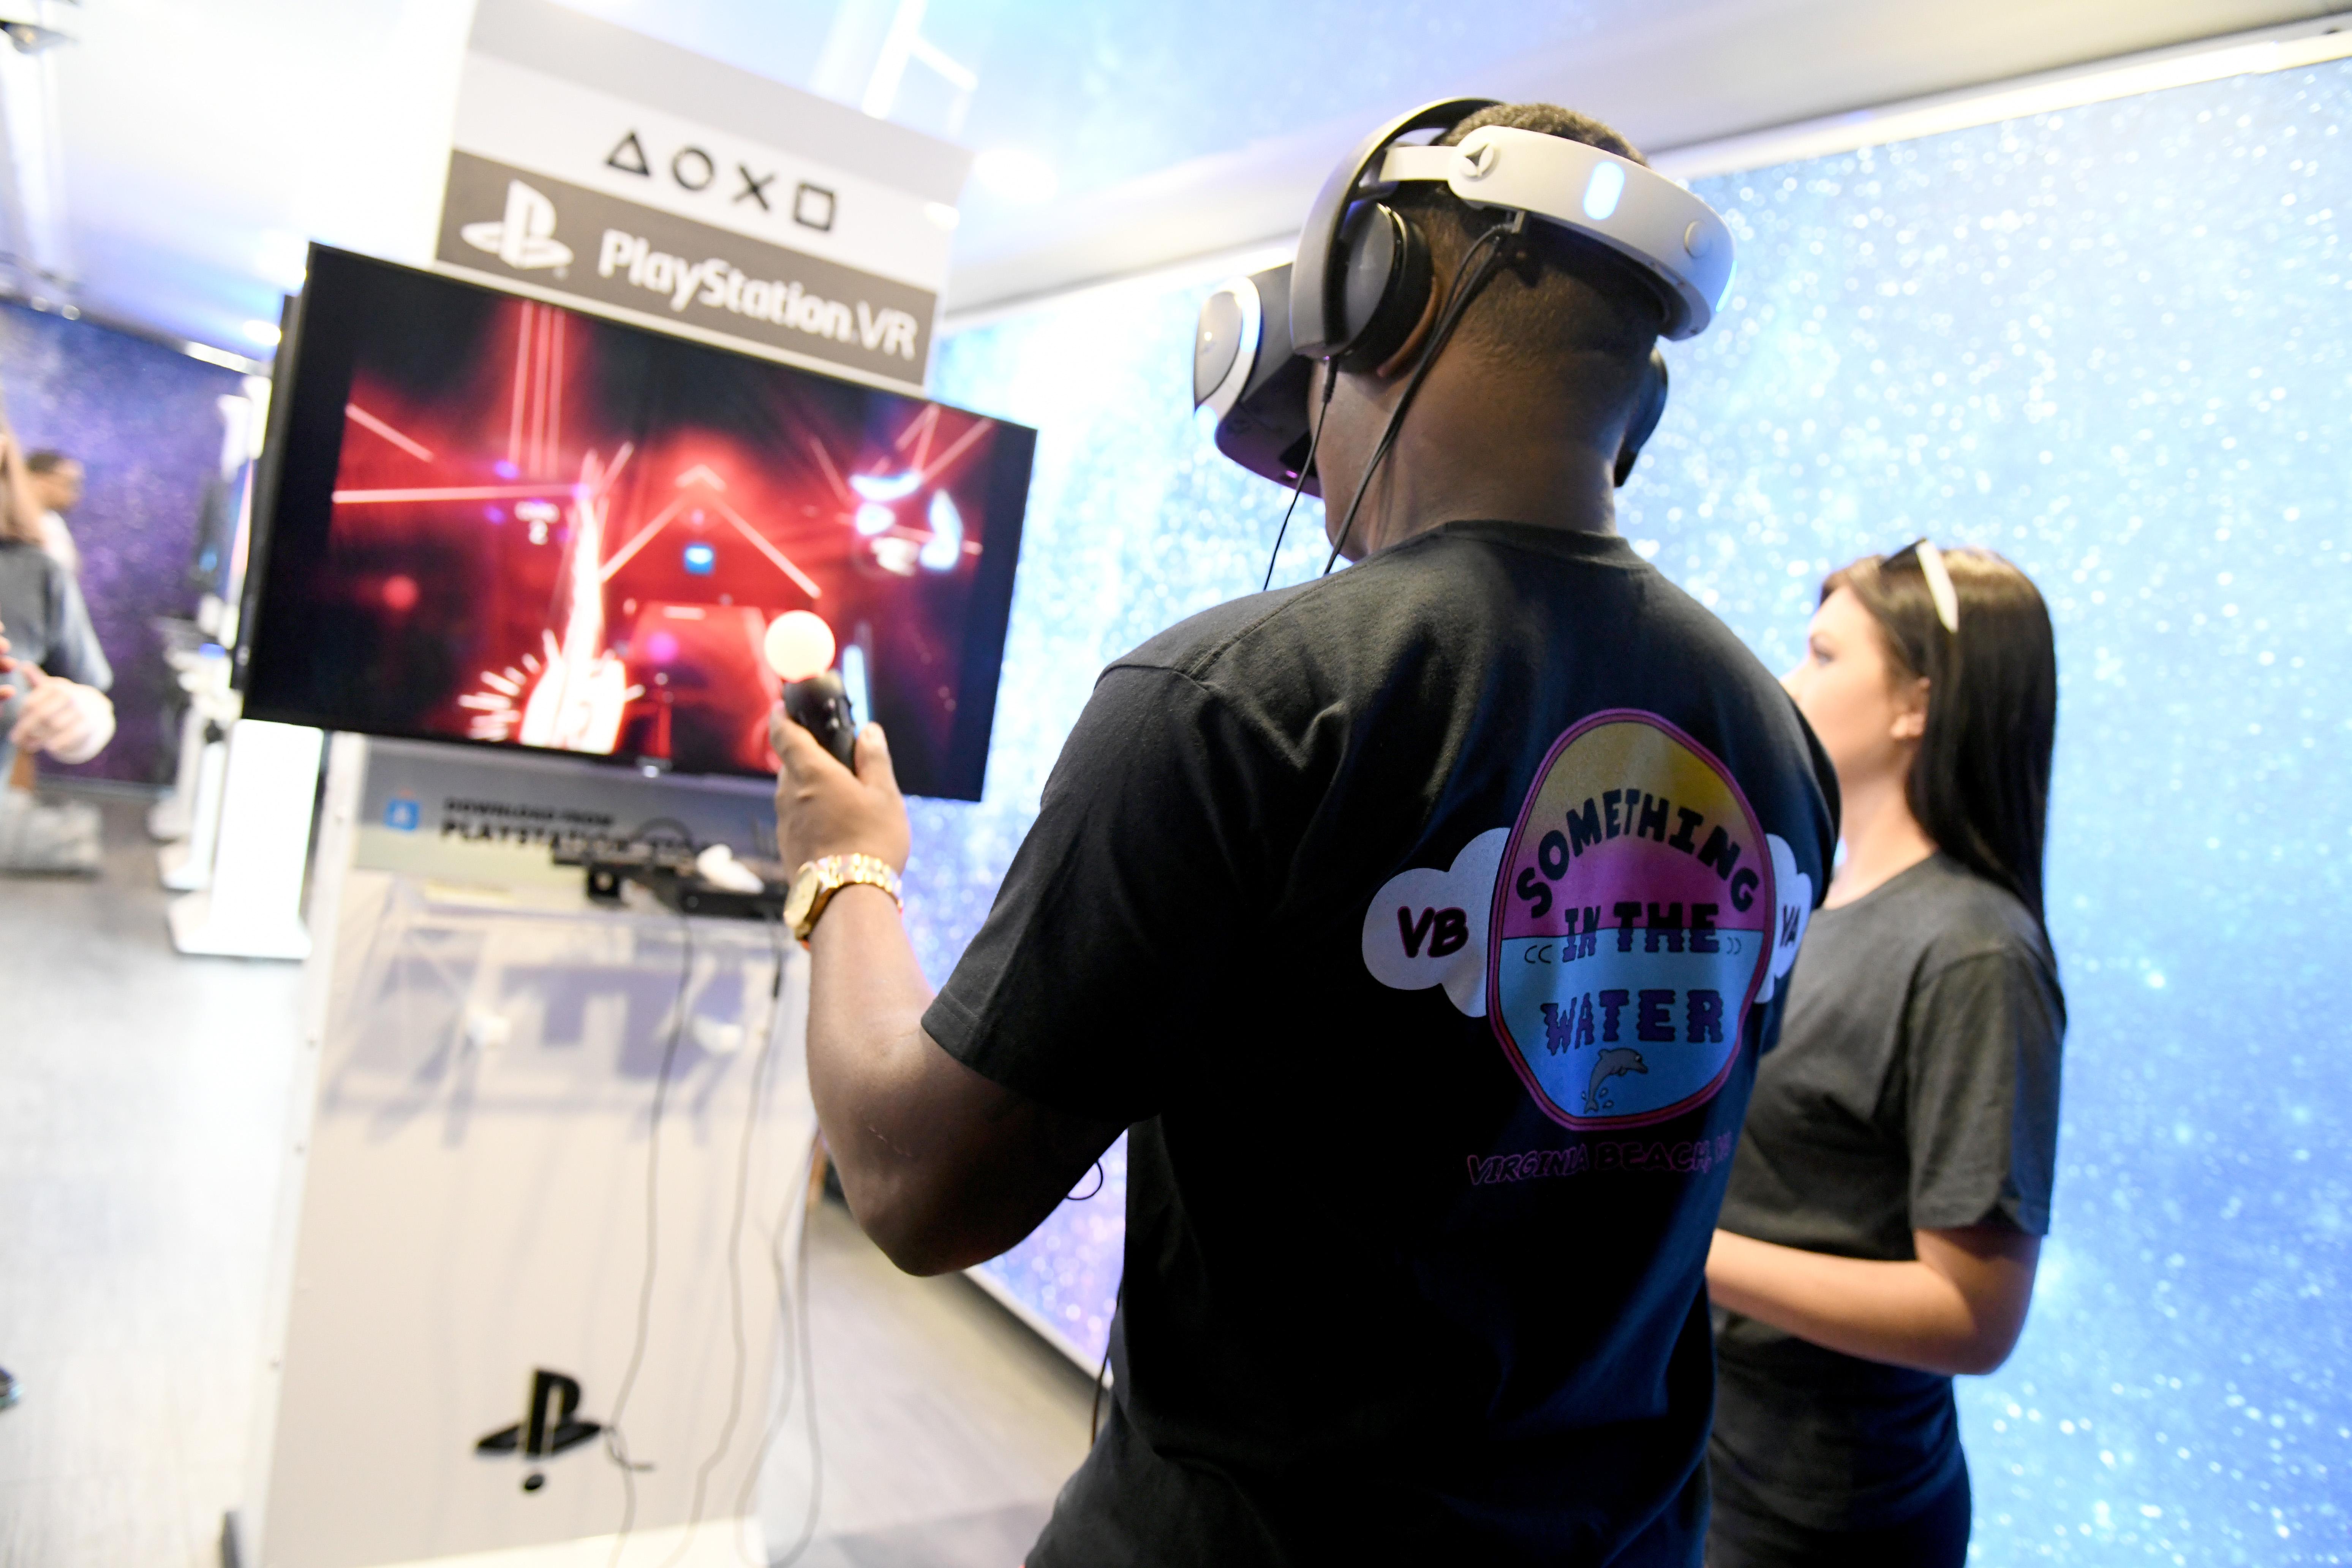 不止微信 玩電玩也被中共「老大哥」盯上